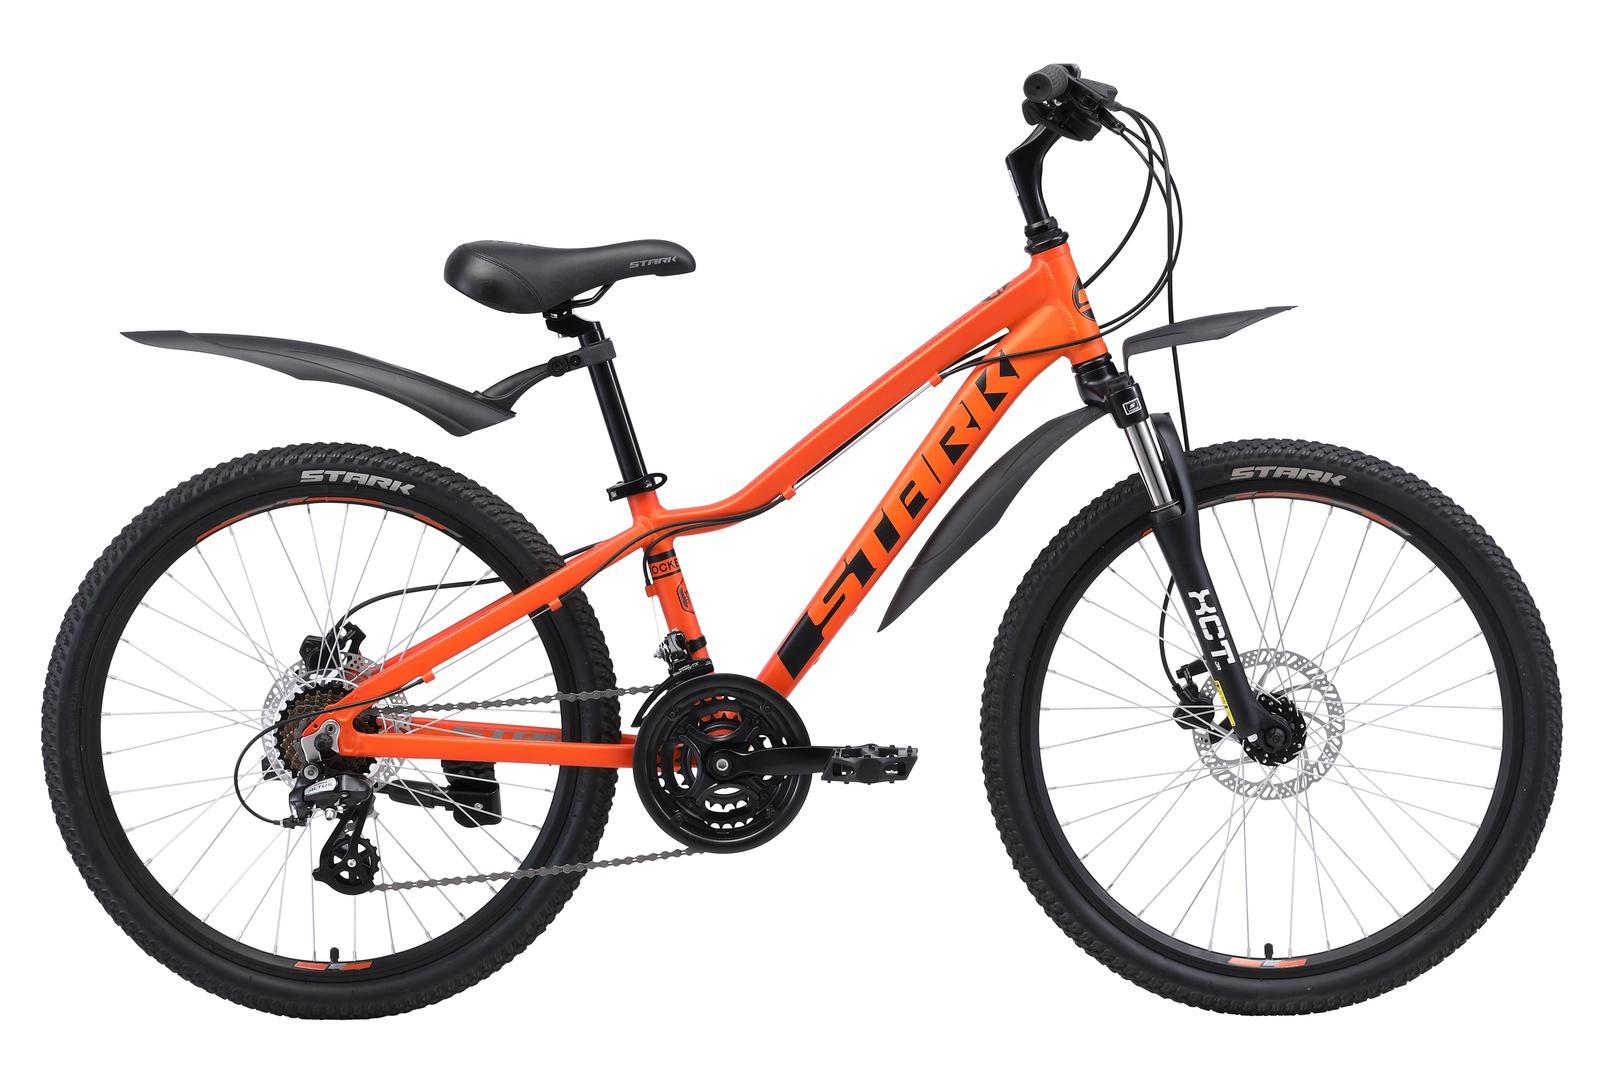 цены на Велосипед Rocket 24.3 HD 2019, черный, оранжевый  в интернет-магазинах